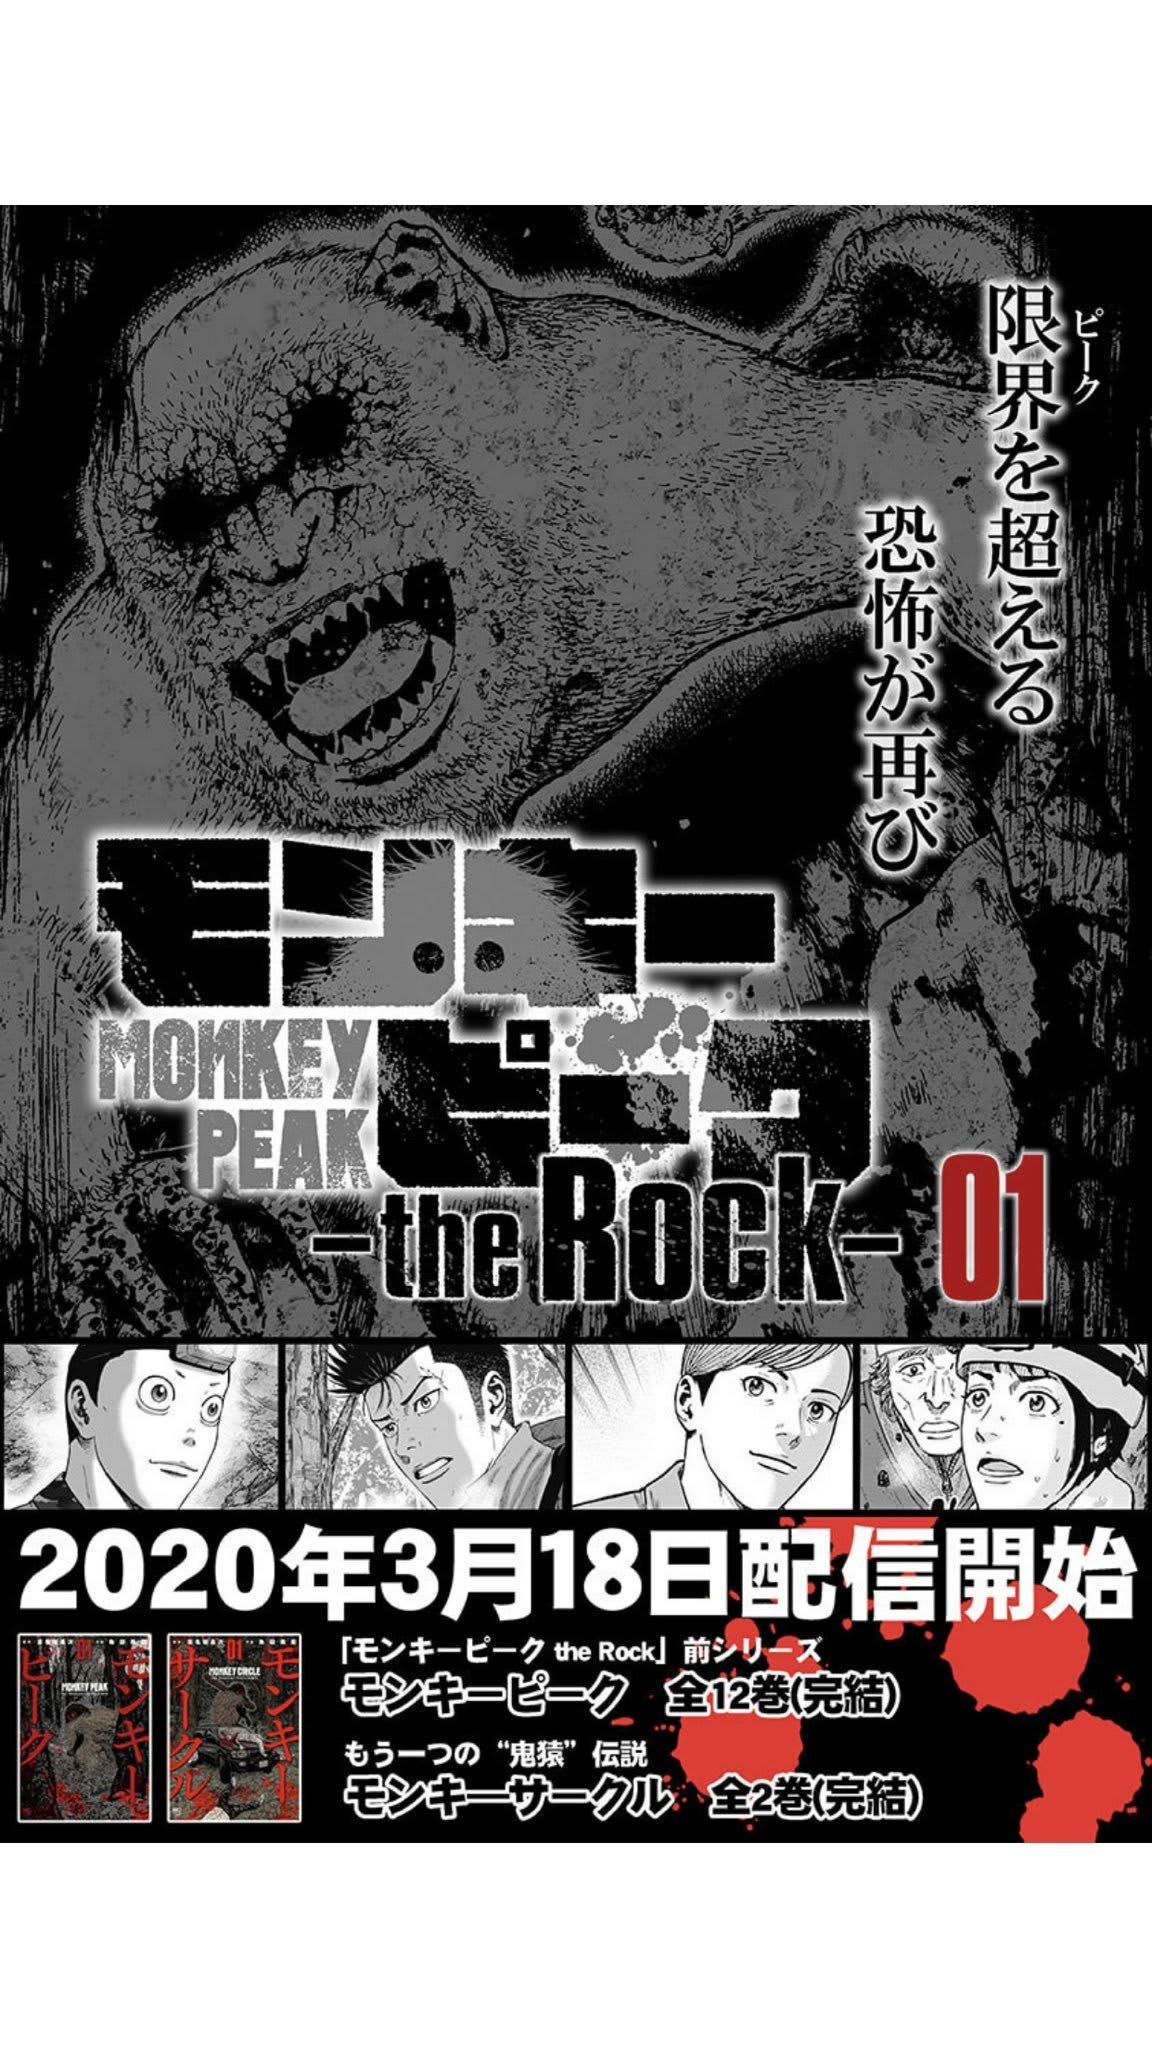 ピーク rock モンキー the